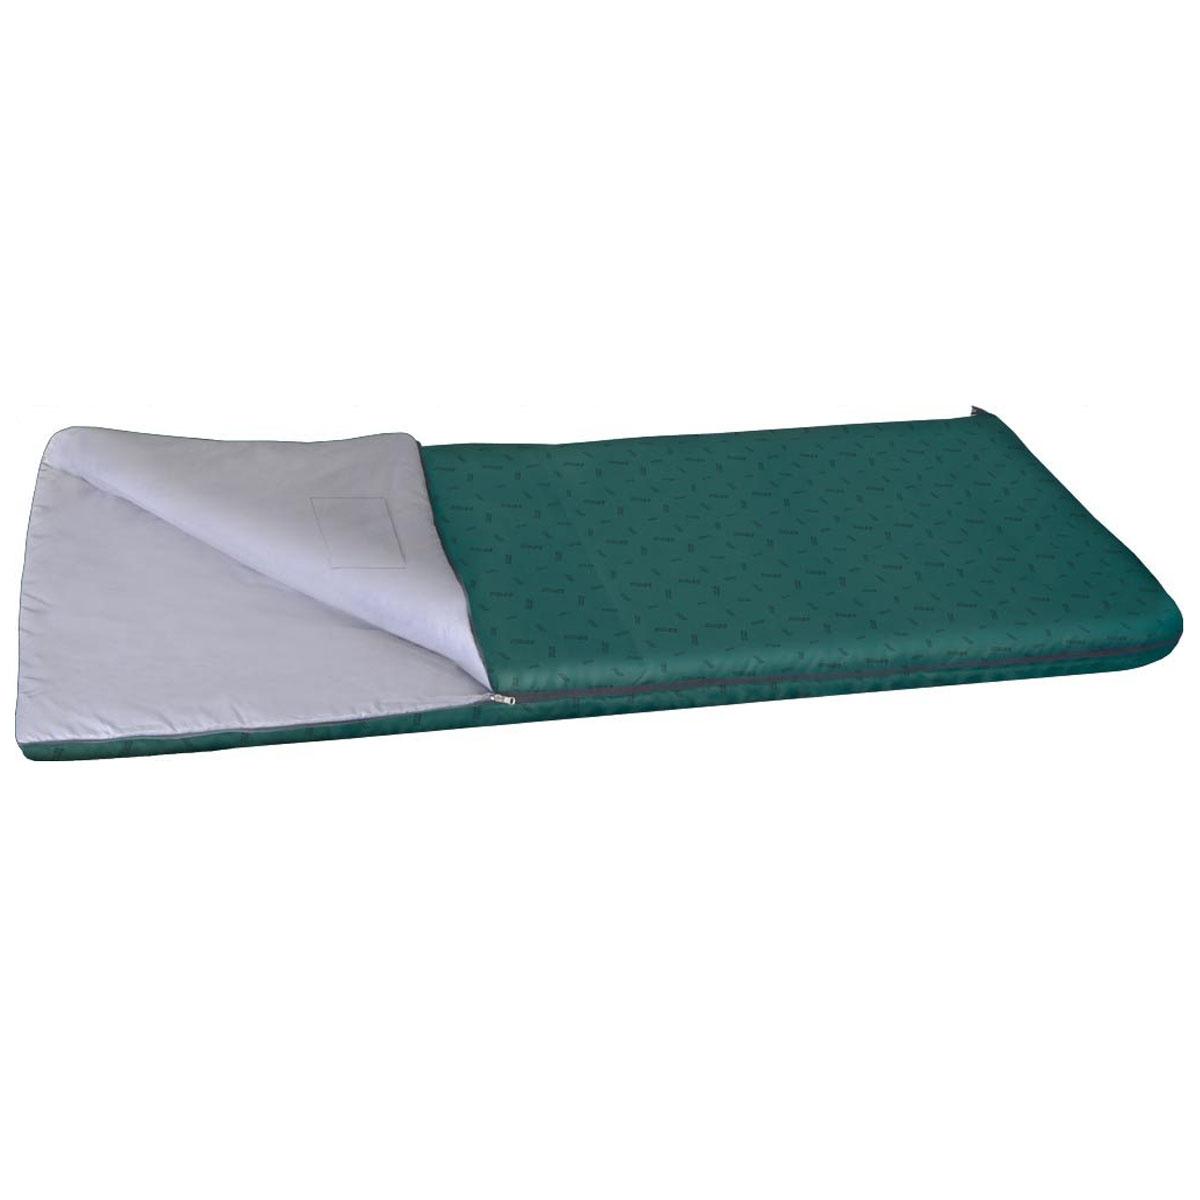 Спальный мешок-одеяло Nova Tour Валдай 300, цвет: нави, левосторонняя молния. 95210-306-0095210-306-00Спальный мешок Валдай 300 - это ваш первый спальник, отличный вариант для начинающего туриста. Если вам трудно определиться с условиями, в которых будет использоваться спальник, то Валдай 300 именно тот вариант, универсальный, недорогой и надежный. Купив спальный мешок Валдай 300, вы получаете полноценный отдых без особых материальных затрат. Температурные характеристики этого спальника предполагают его использование в теплое время года. Два слоя новейшего утеплителя улучшенной серии Thermofibre-S-Pro, легкая ткань верха Polyester 100% и отсутствие дополнительного подголовника обеспечили низкий вес спальника Валдай 300 и небольшие размеры в свернутом виде. Спальник компактно упаковывается в компрессионный мешок. Благодаря двухзамковой молнии, имеется возможность состегнуть два спальника в один двойной, для совместного, еще более комфортного отдыха. Ткань верха: Polyester 100%. Внутренняя ткань: Polyester 100%.